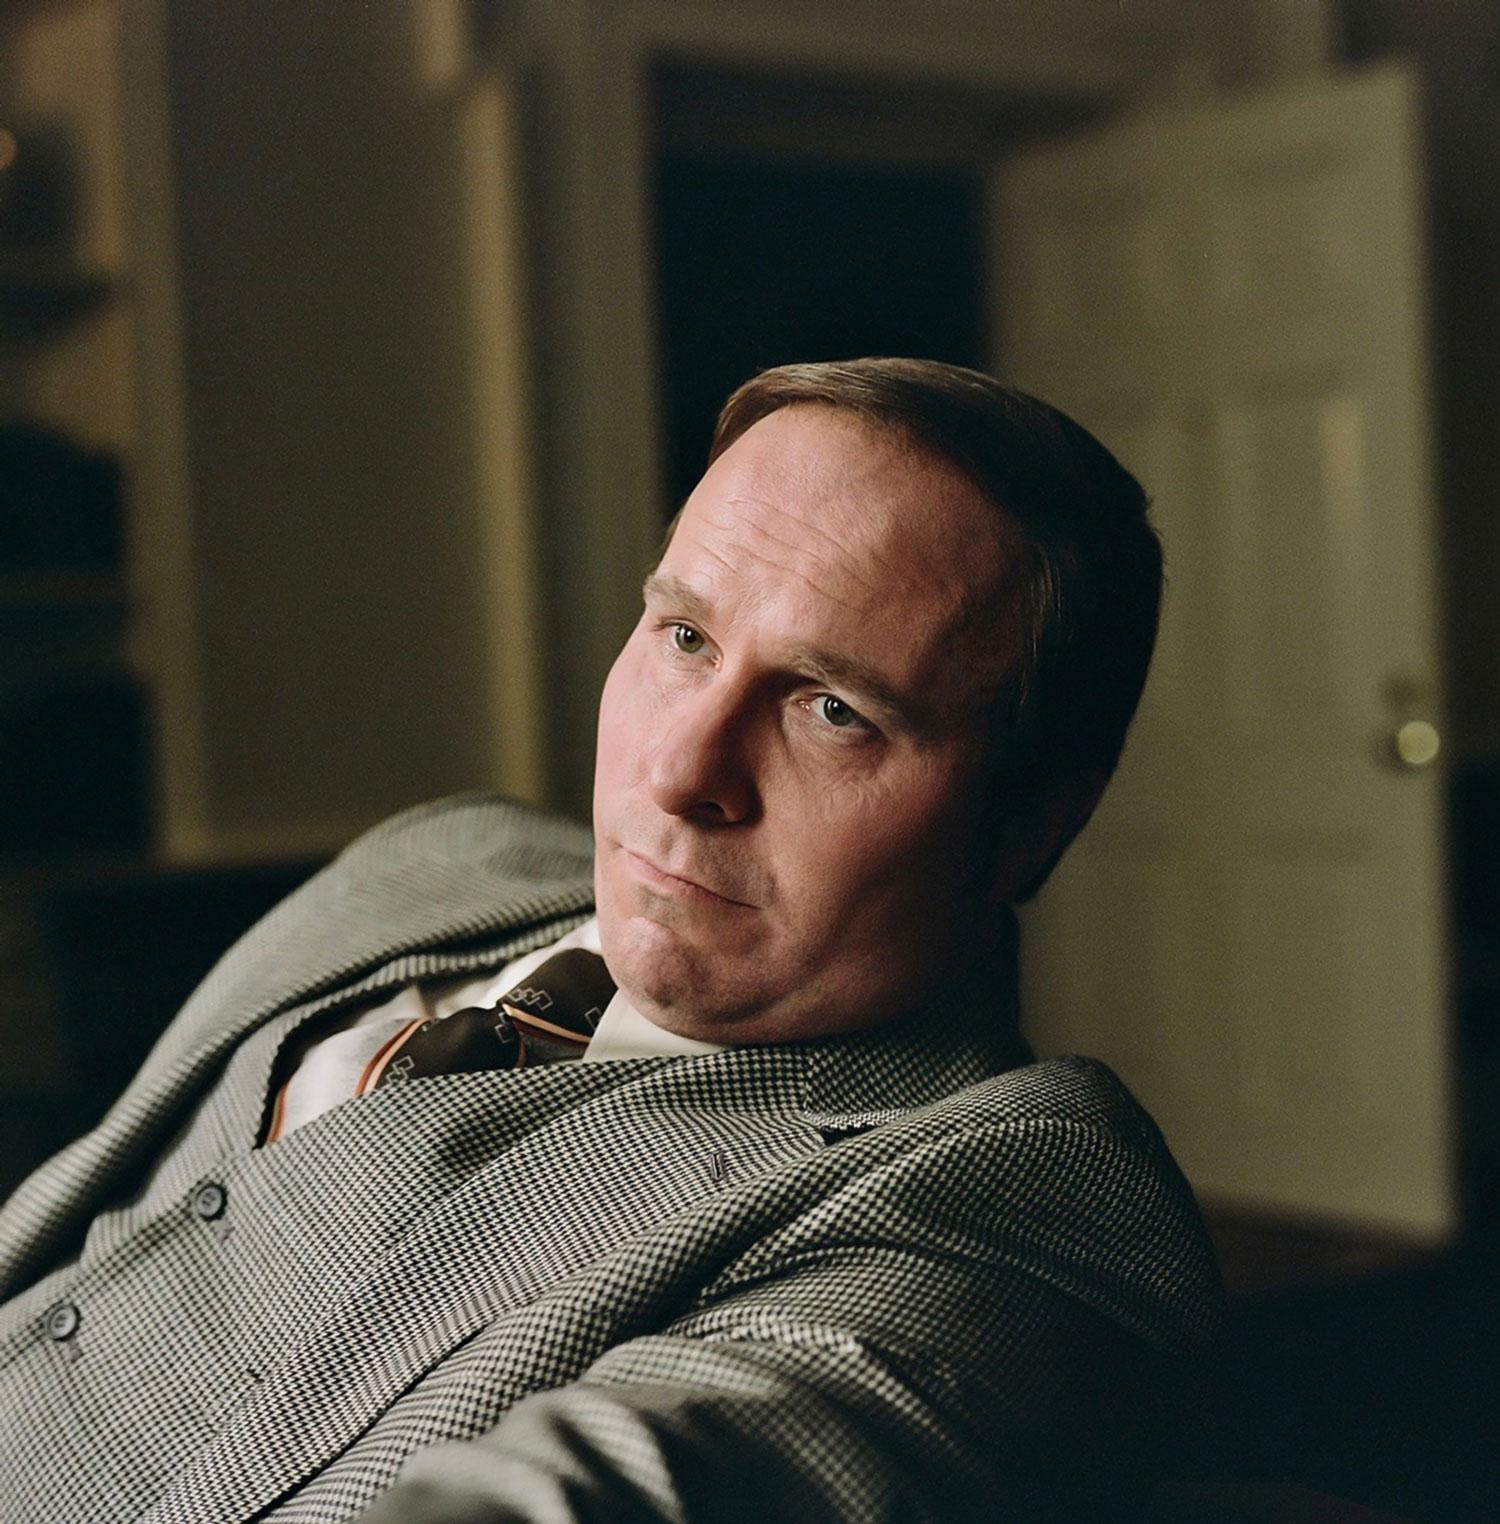 'El vicio del poder' con Christian Bale como Dick Cheney